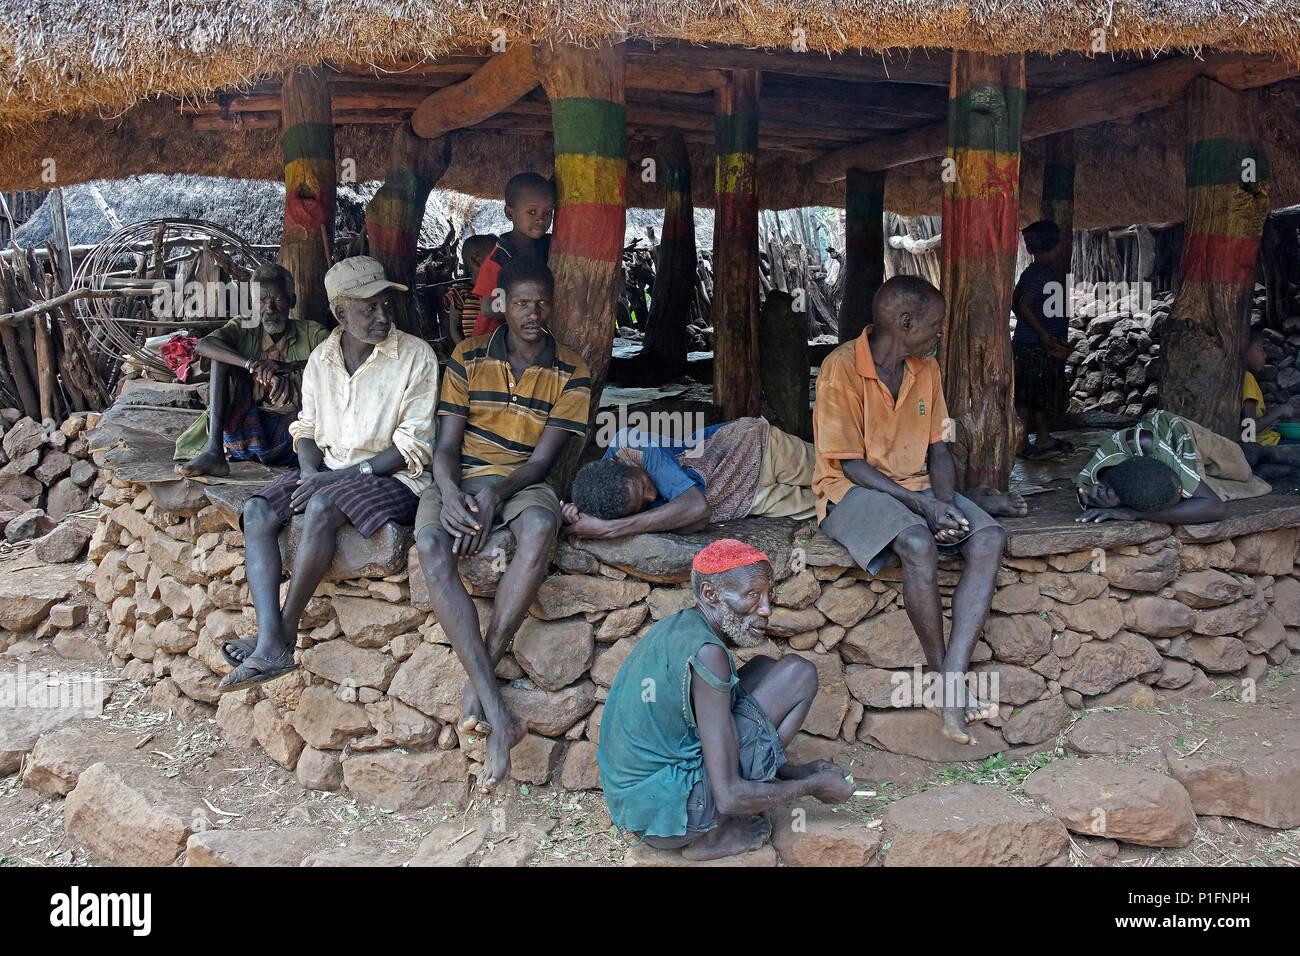 Africa, Ethiopia, konzo village,, Afrika, Aethiopien, Konzo Dorf, - Stock Image